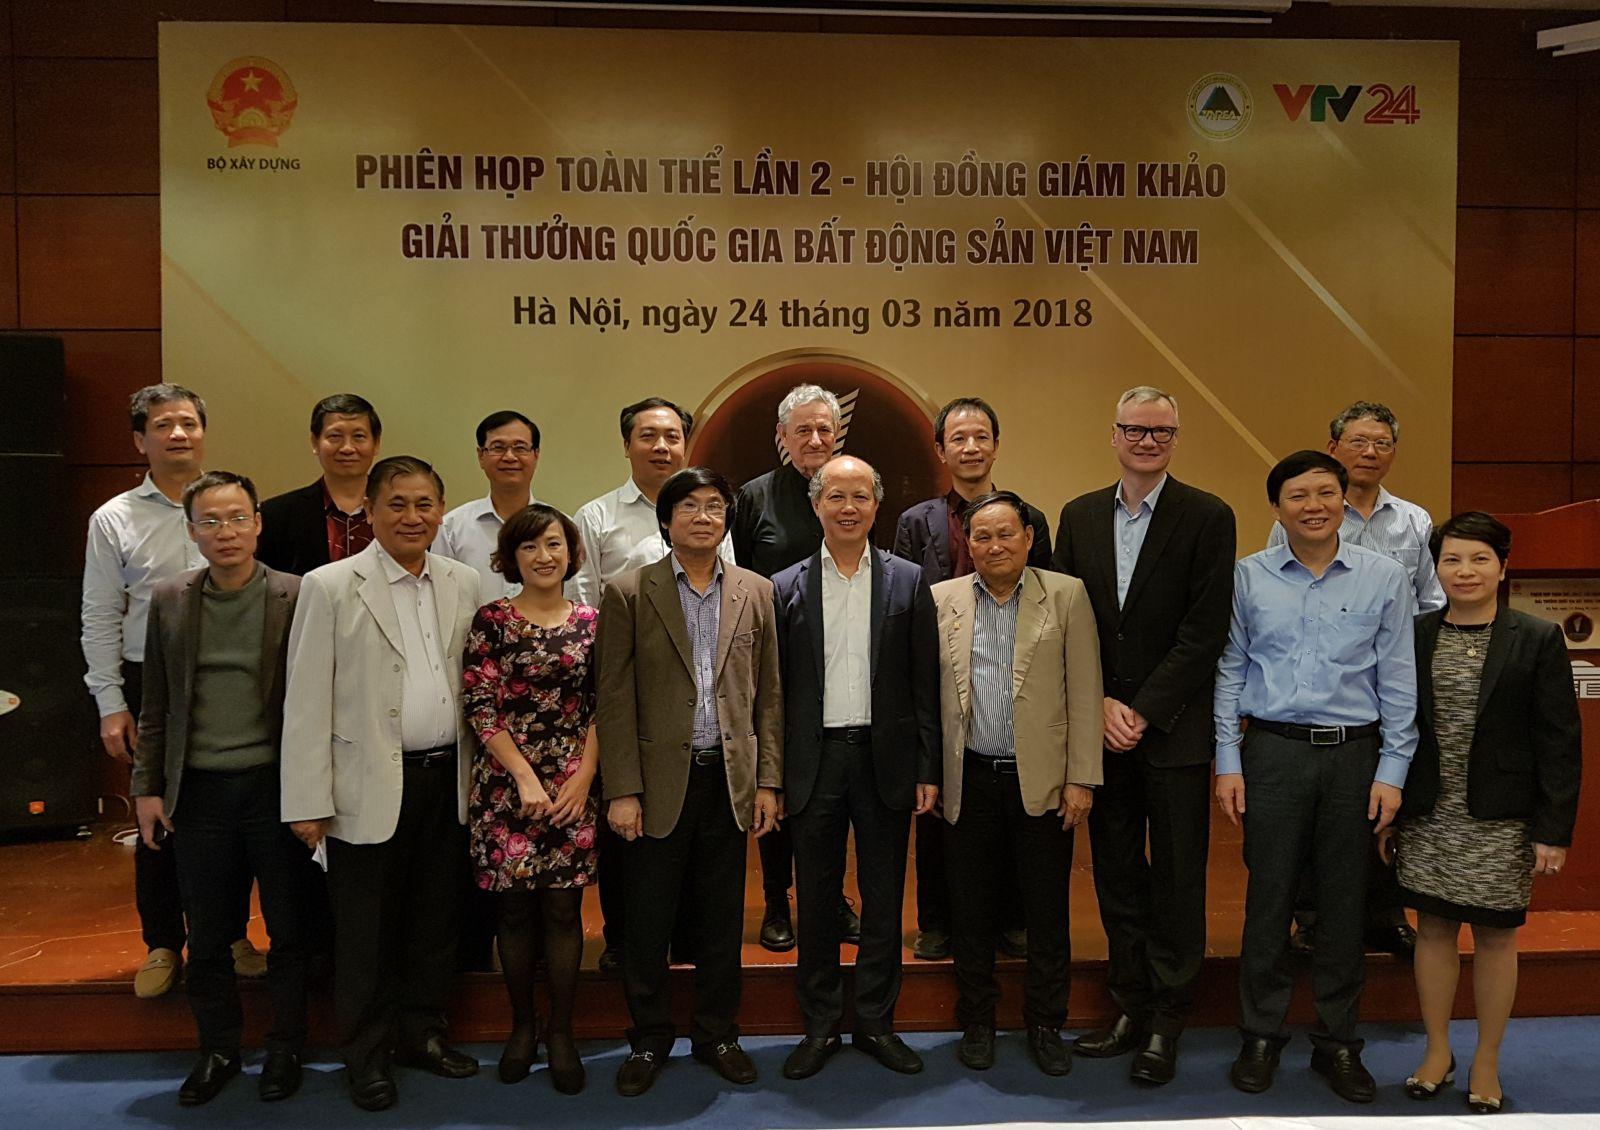 Hội đồng Giám khảo và Ban Tổ chức Giải thưởng Quốc gia Bất động sản Việt Nam.